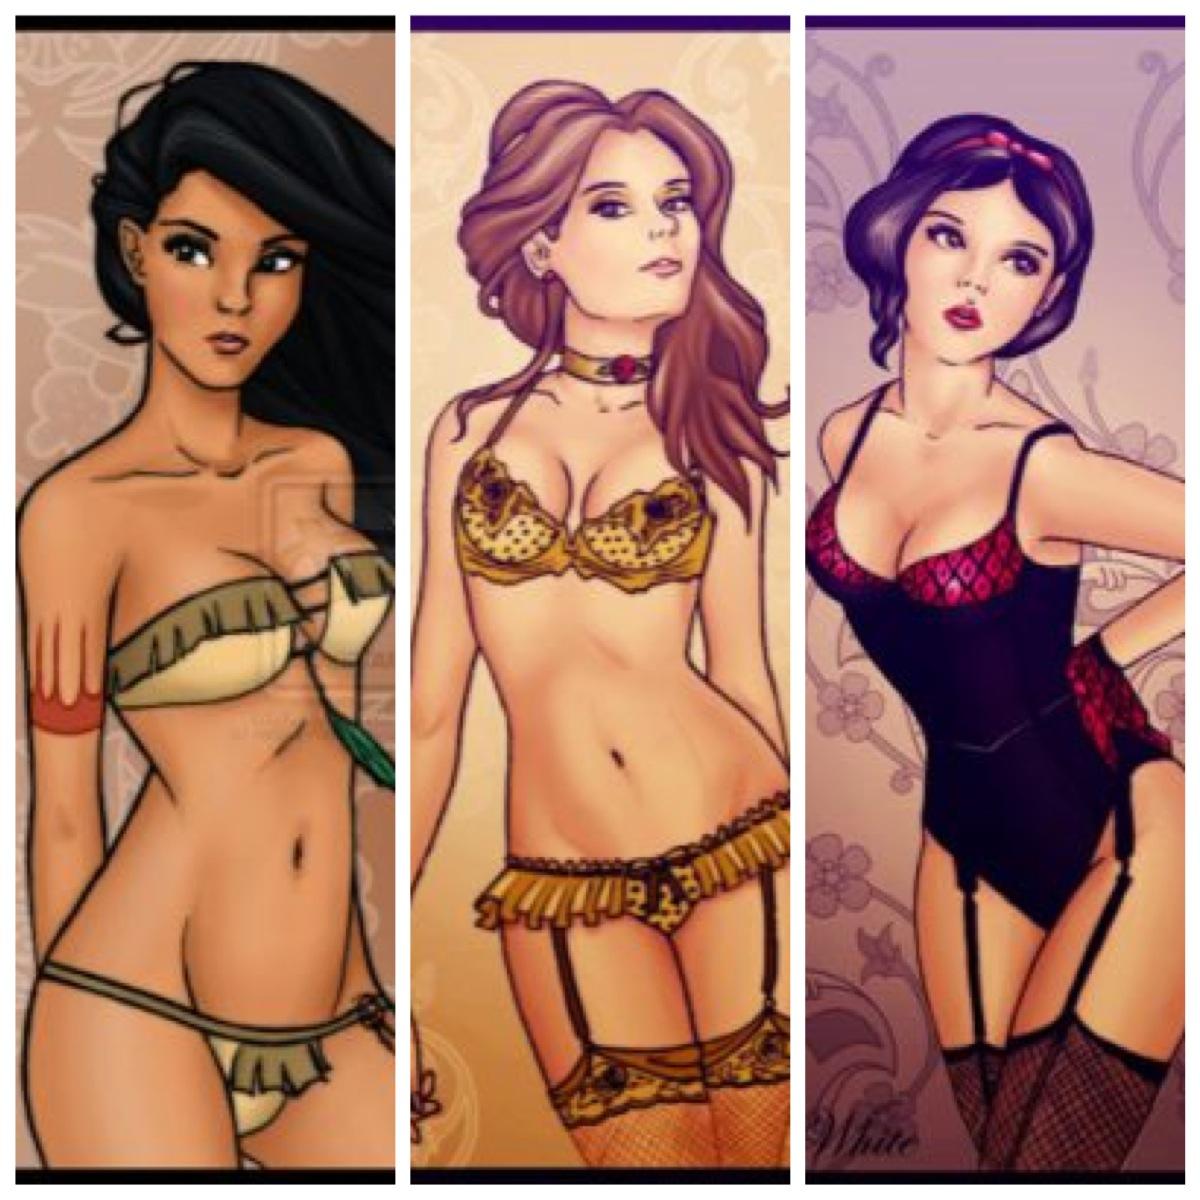 Best celeb leaked nudes